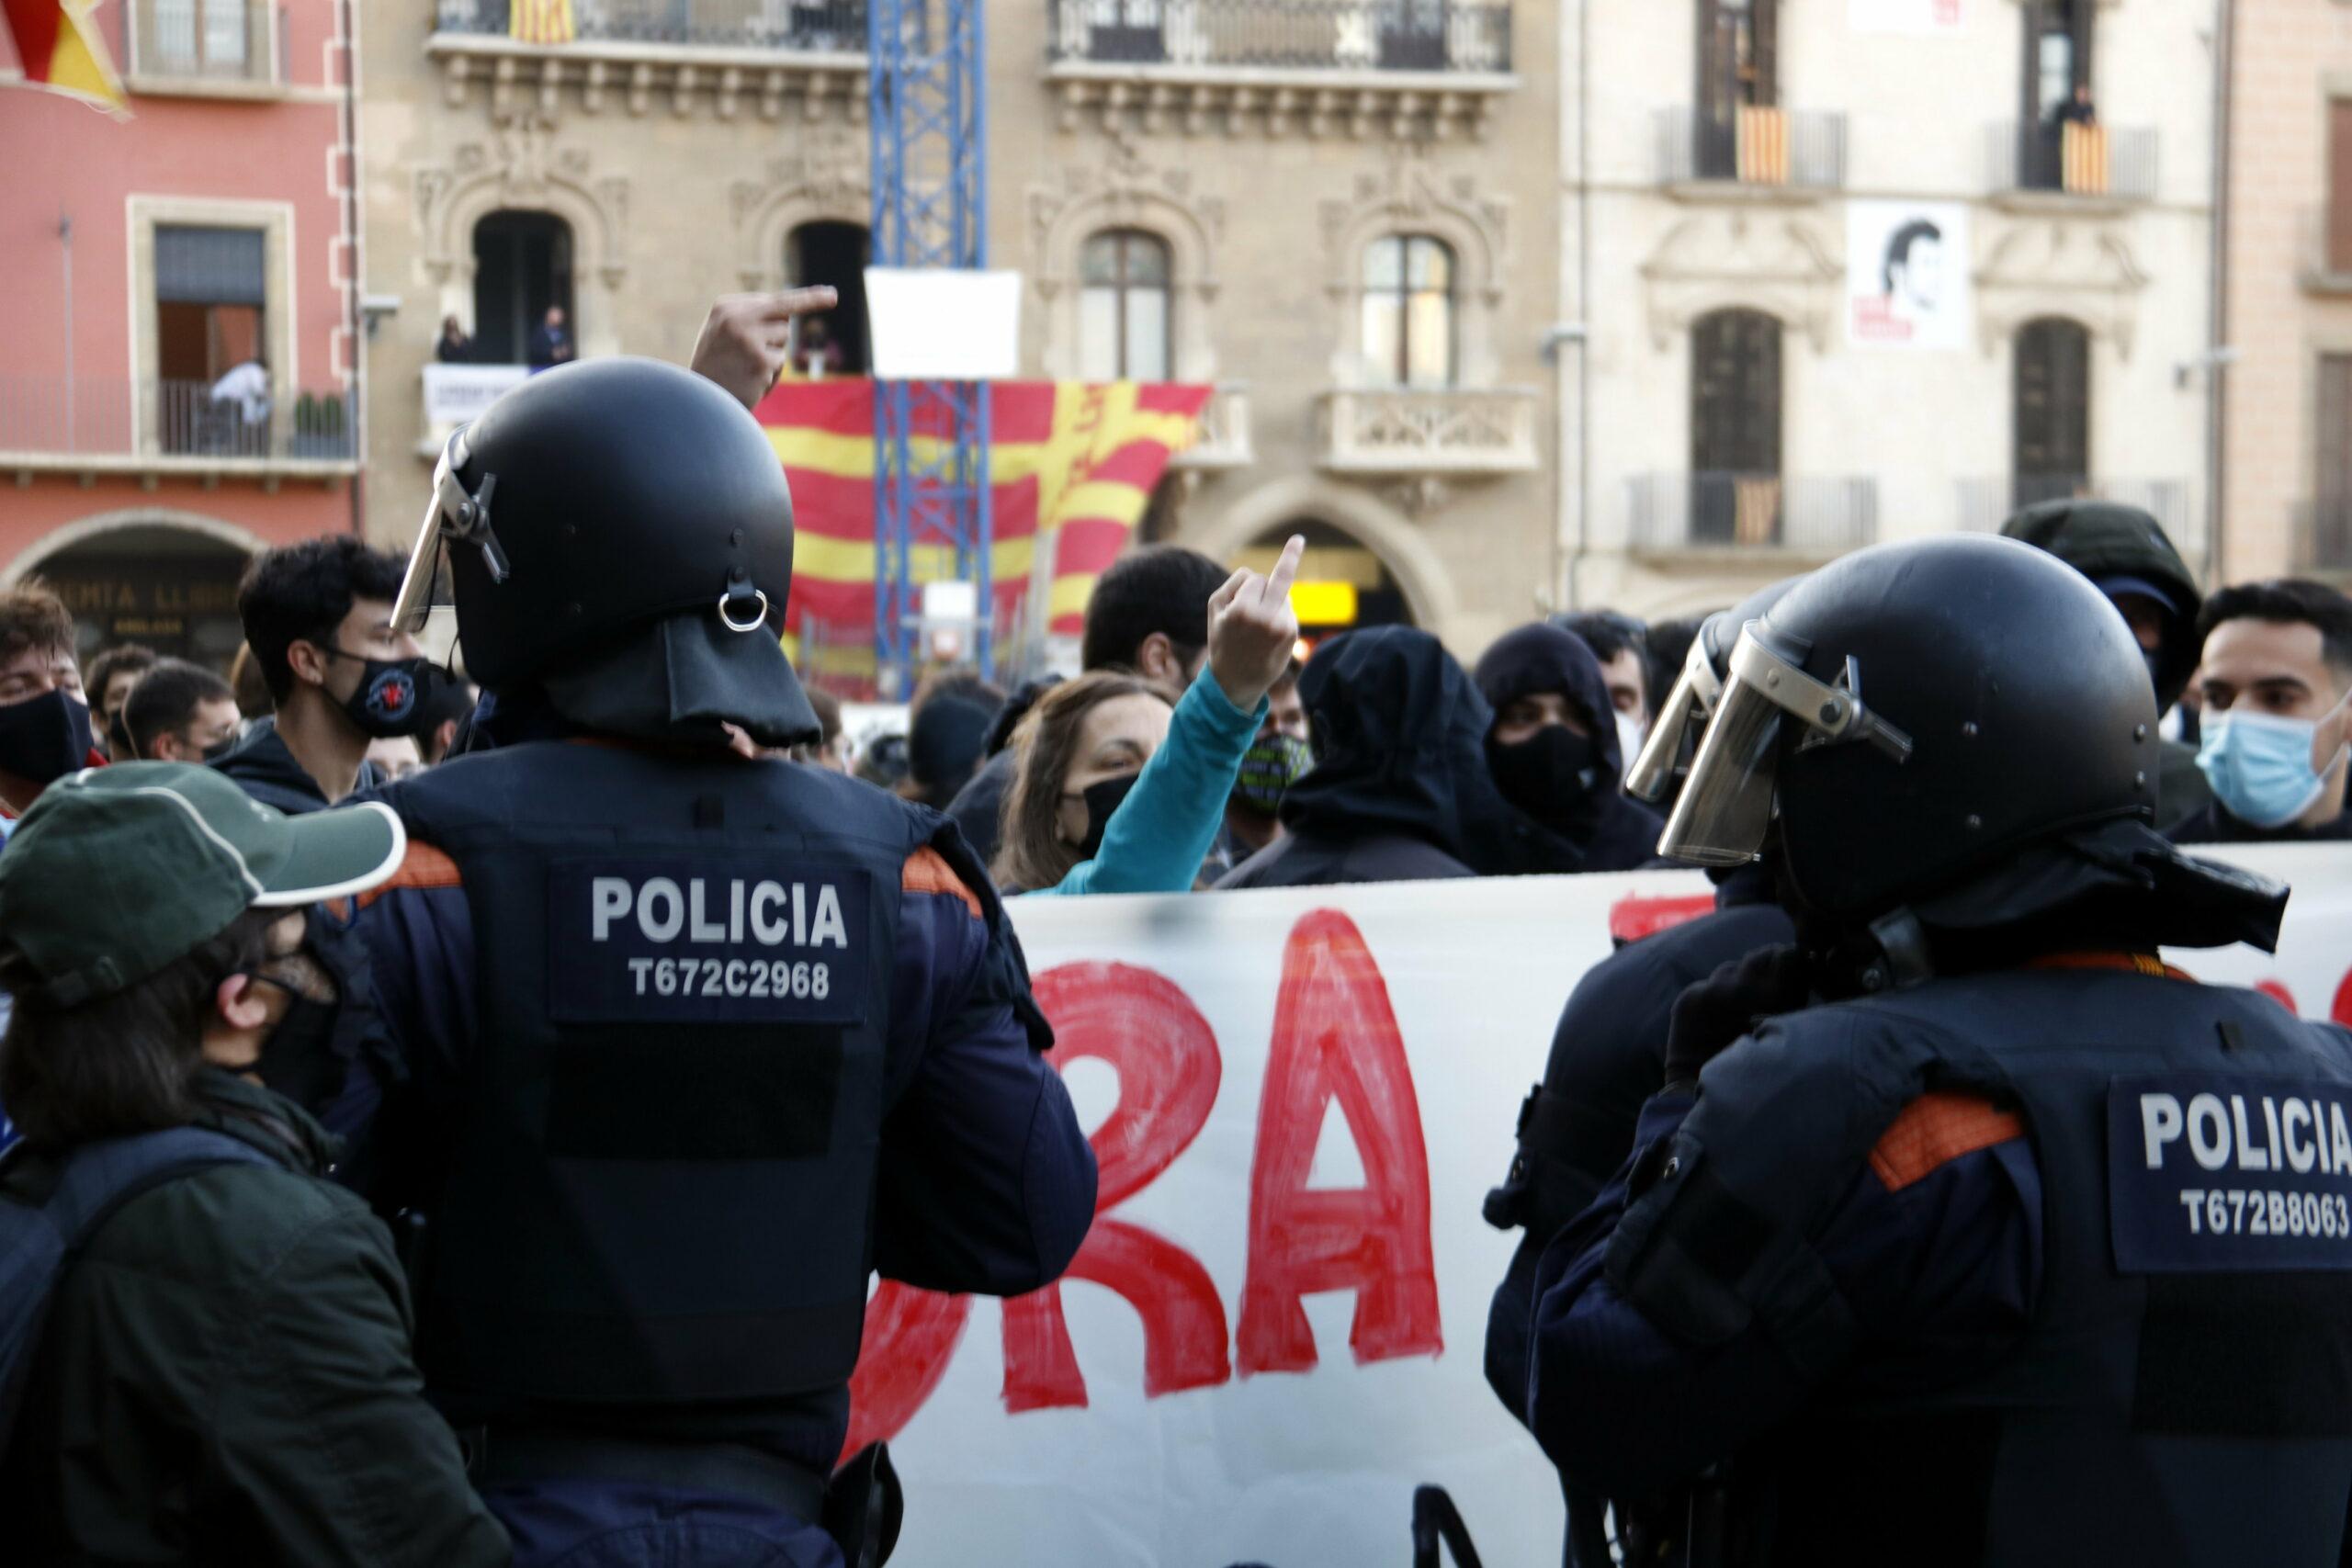 Una manifestant antifeixista, separada per un cordó policial dels Mossos, dels seguidors de Vox, a la plaça Major de Vic el passat dissabte/ACN